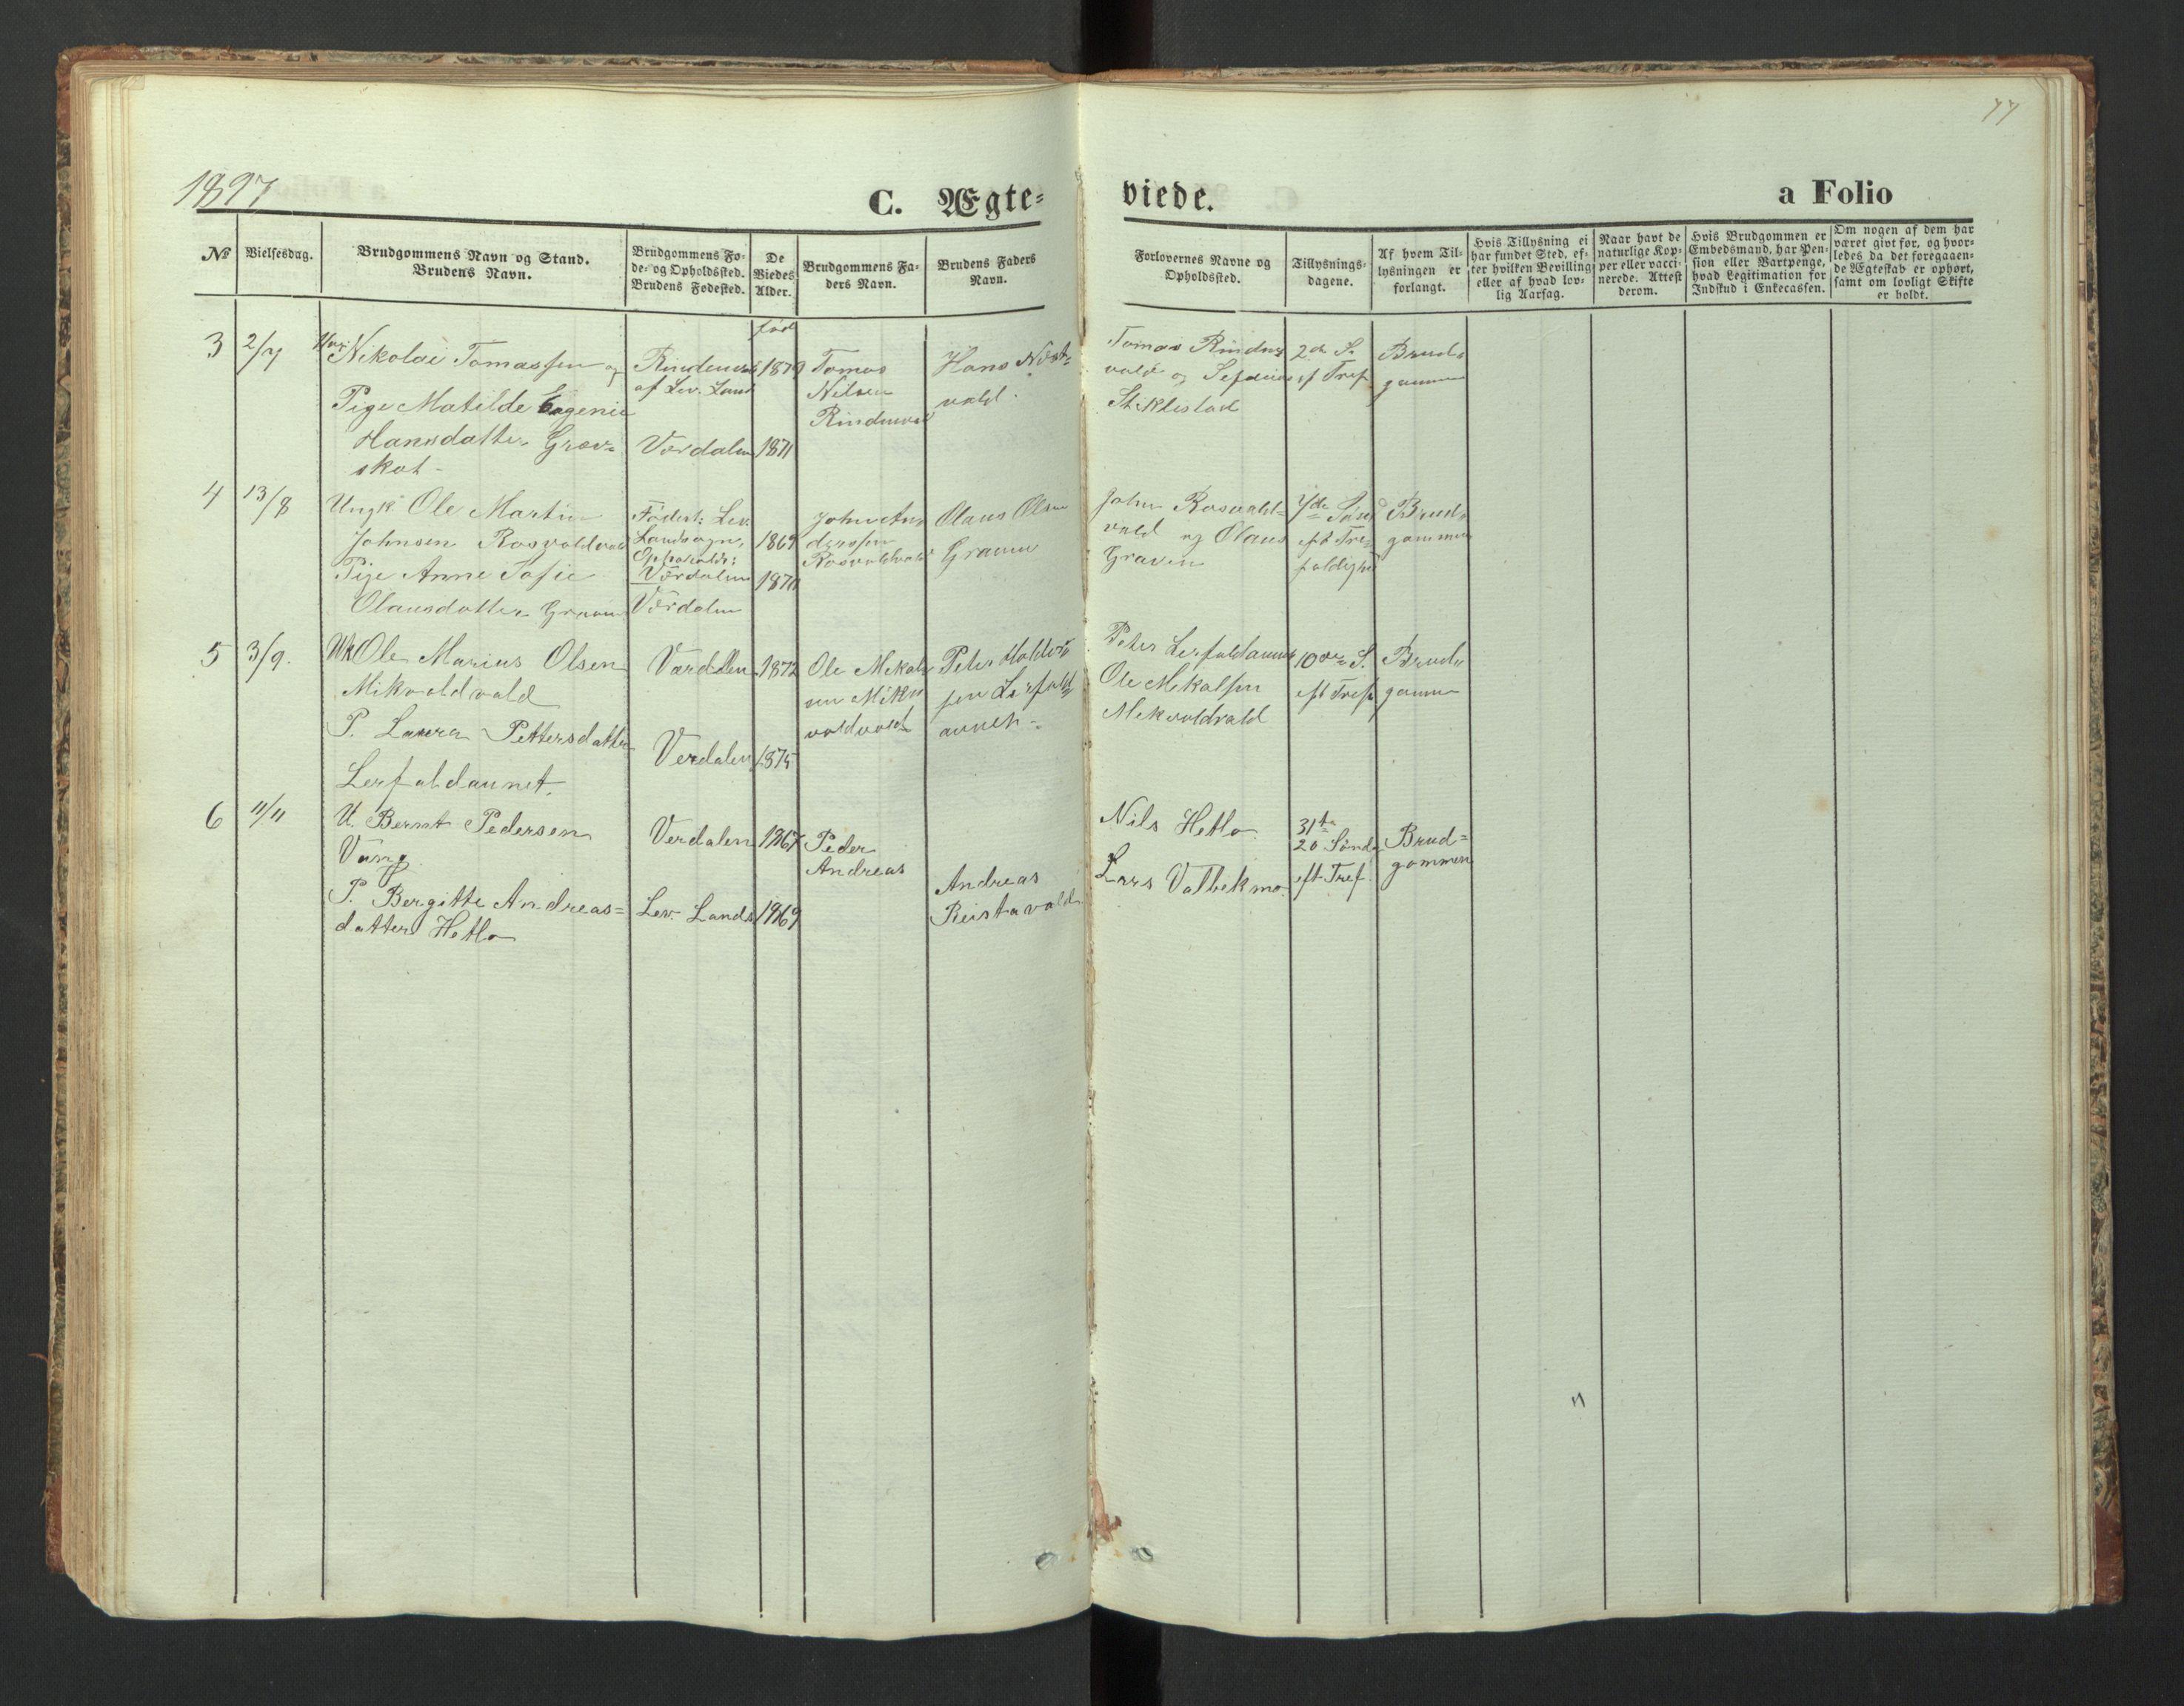 SAT, Ministerialprotokoller, klokkerbøker og fødselsregistre - Nord-Trøndelag, 726/L0271: Klokkerbok nr. 726C02, 1869-1897, s. 77